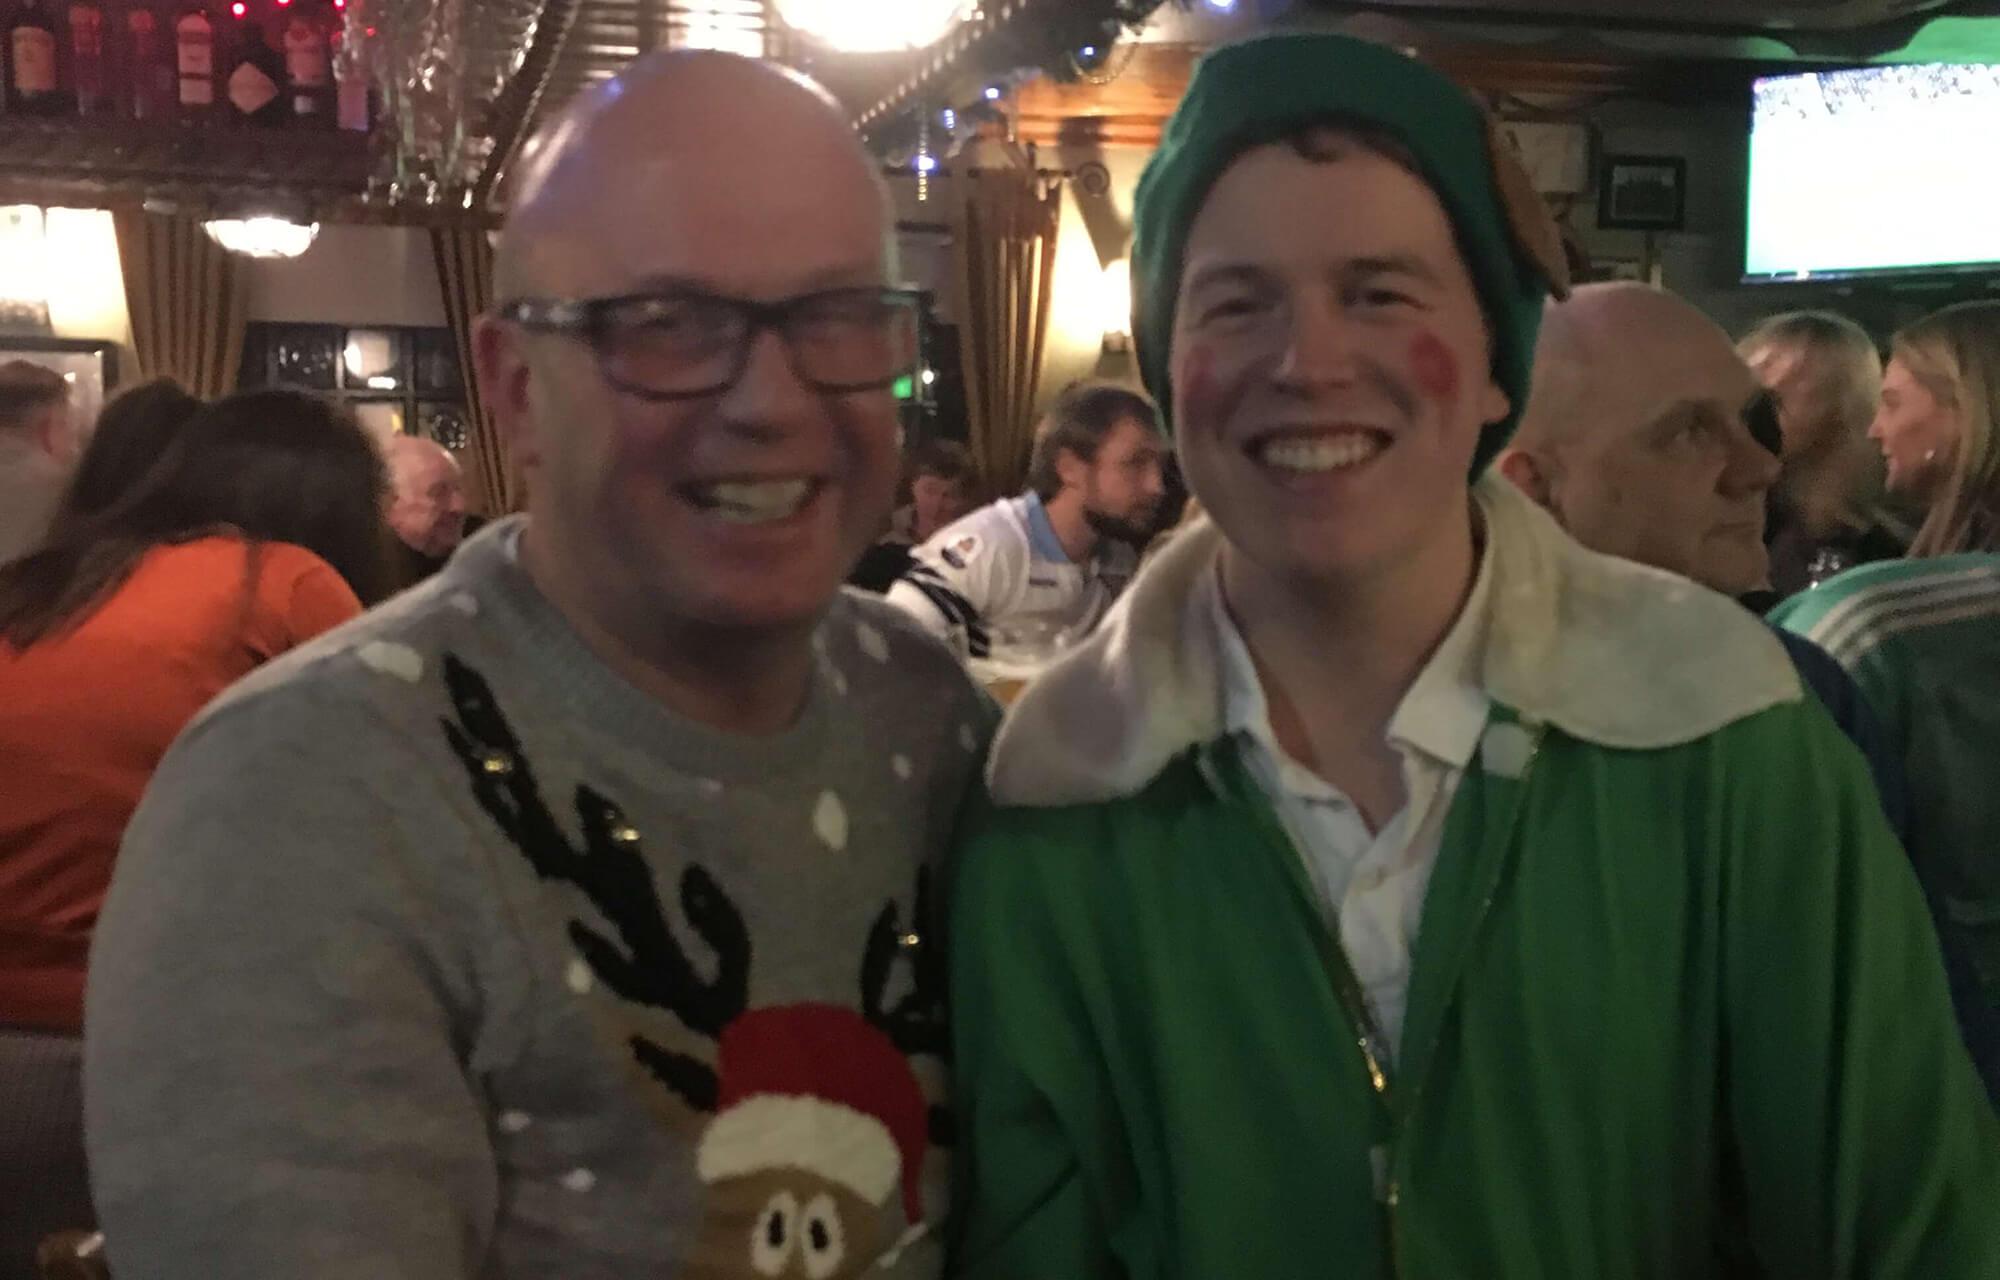 Byrne and Maguire to deliver Santa in Blackrock